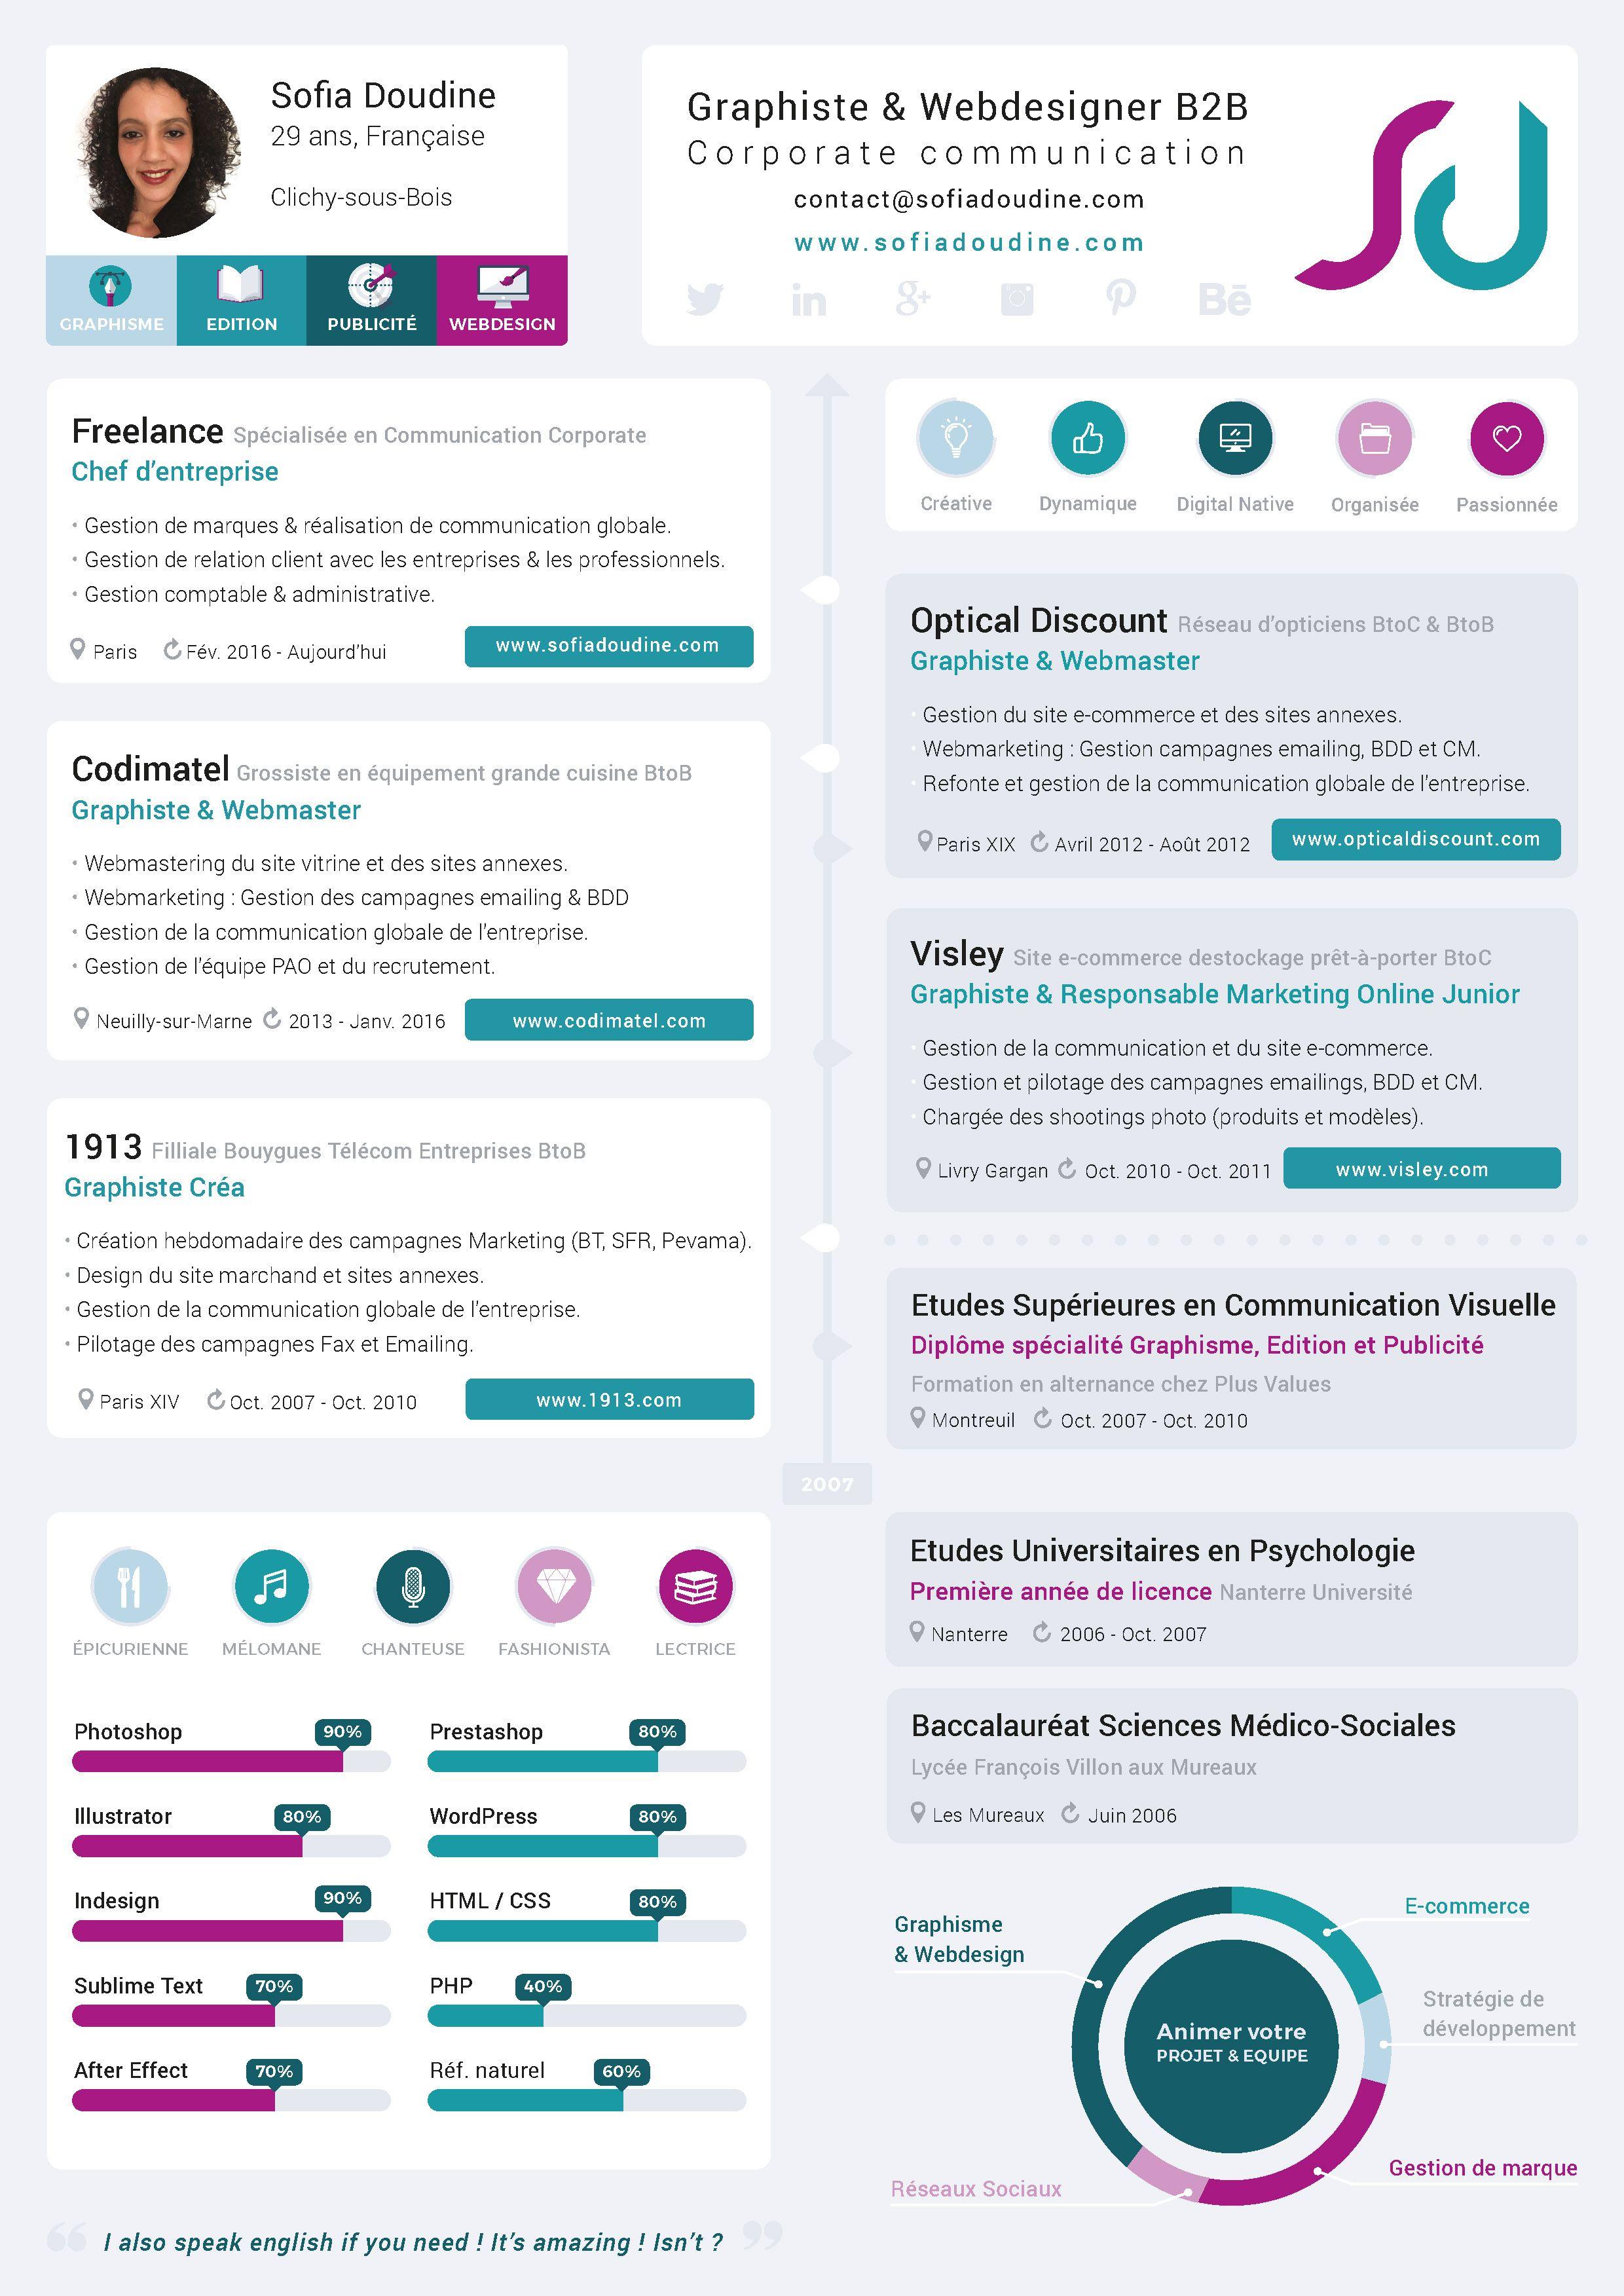 Cv Sofia Doudine Graphiste Webdesigner Freelance B2b Corporate Communication Www Sofiadoudine Com Cv Inspiration Cv Graphiste Modele Cv